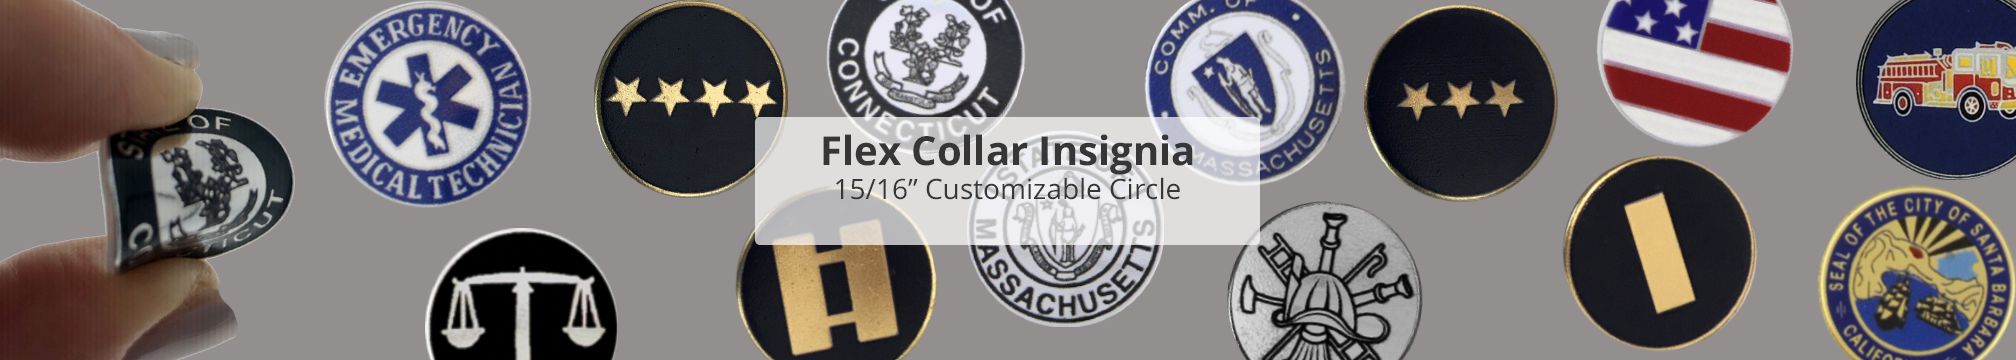 Flex collar Insignia